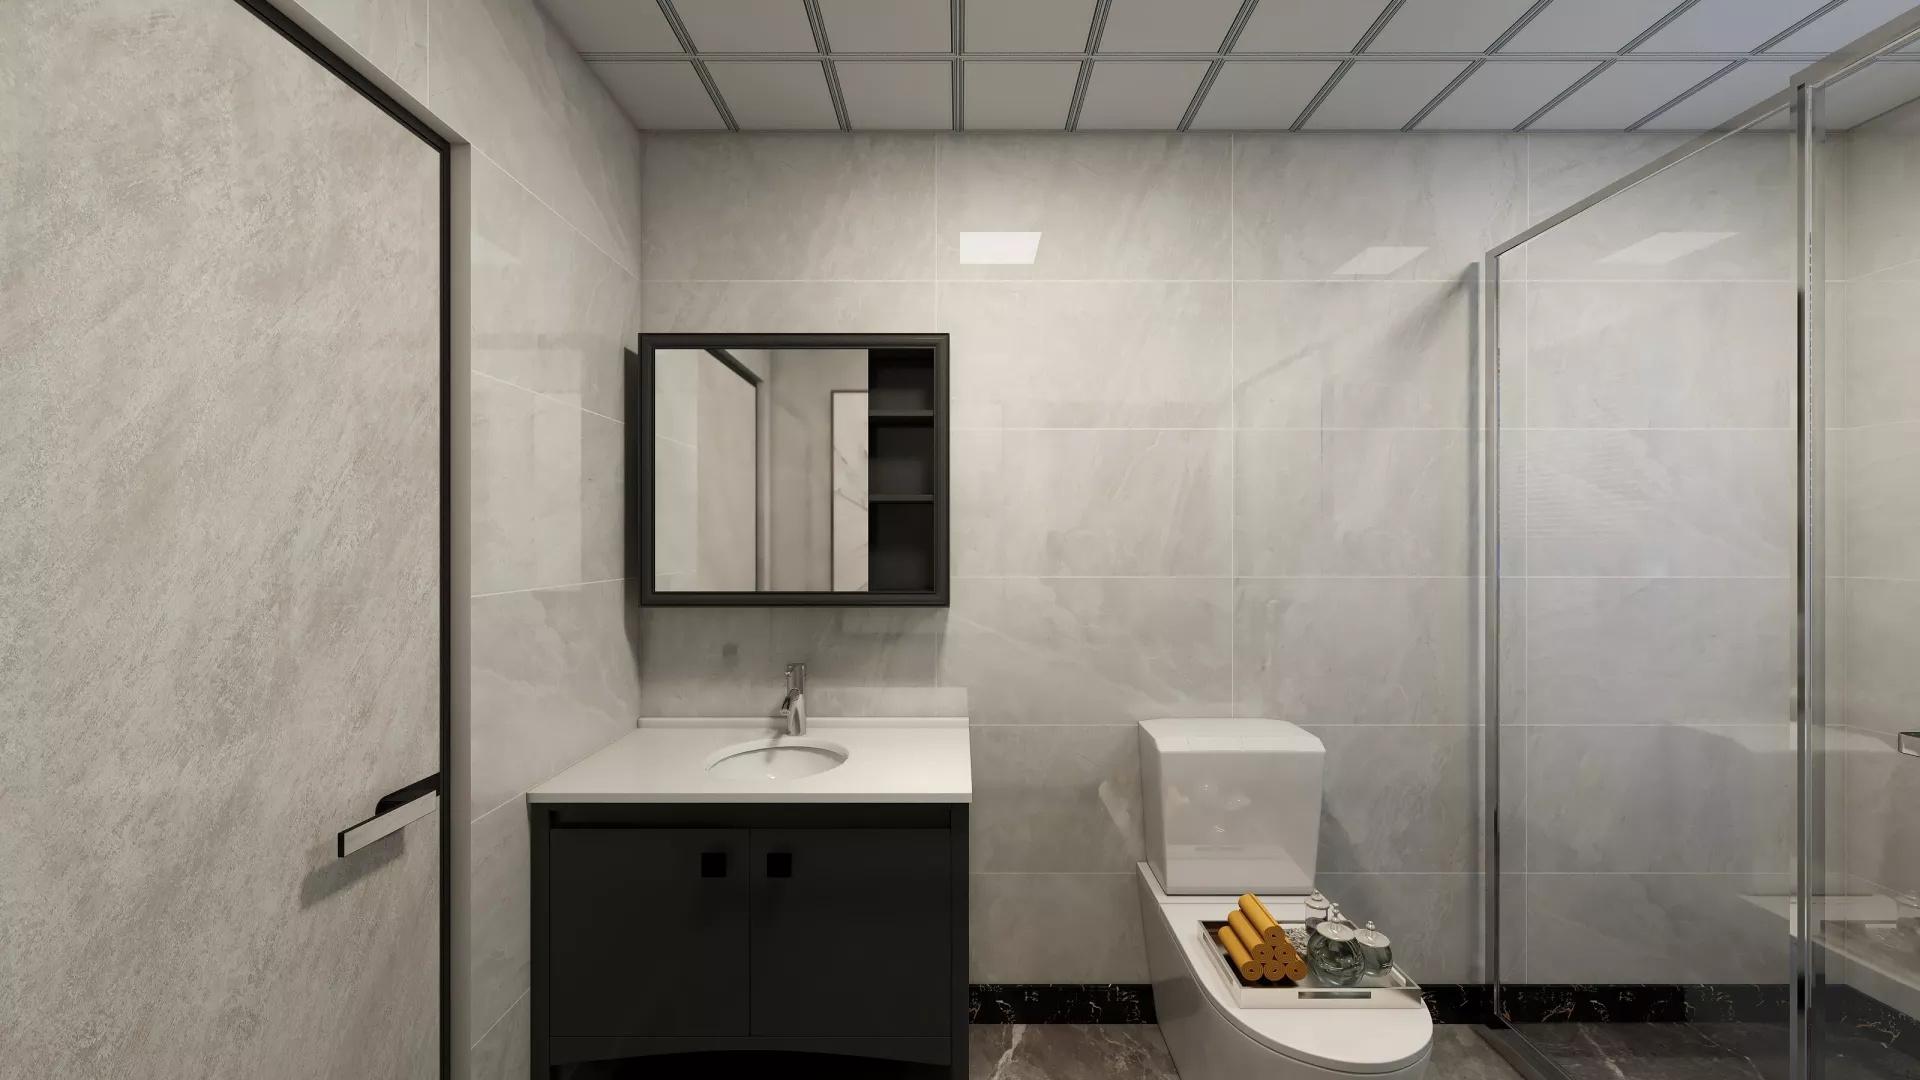 客厅用什么隔断 客厅隔断墙材料哪种好